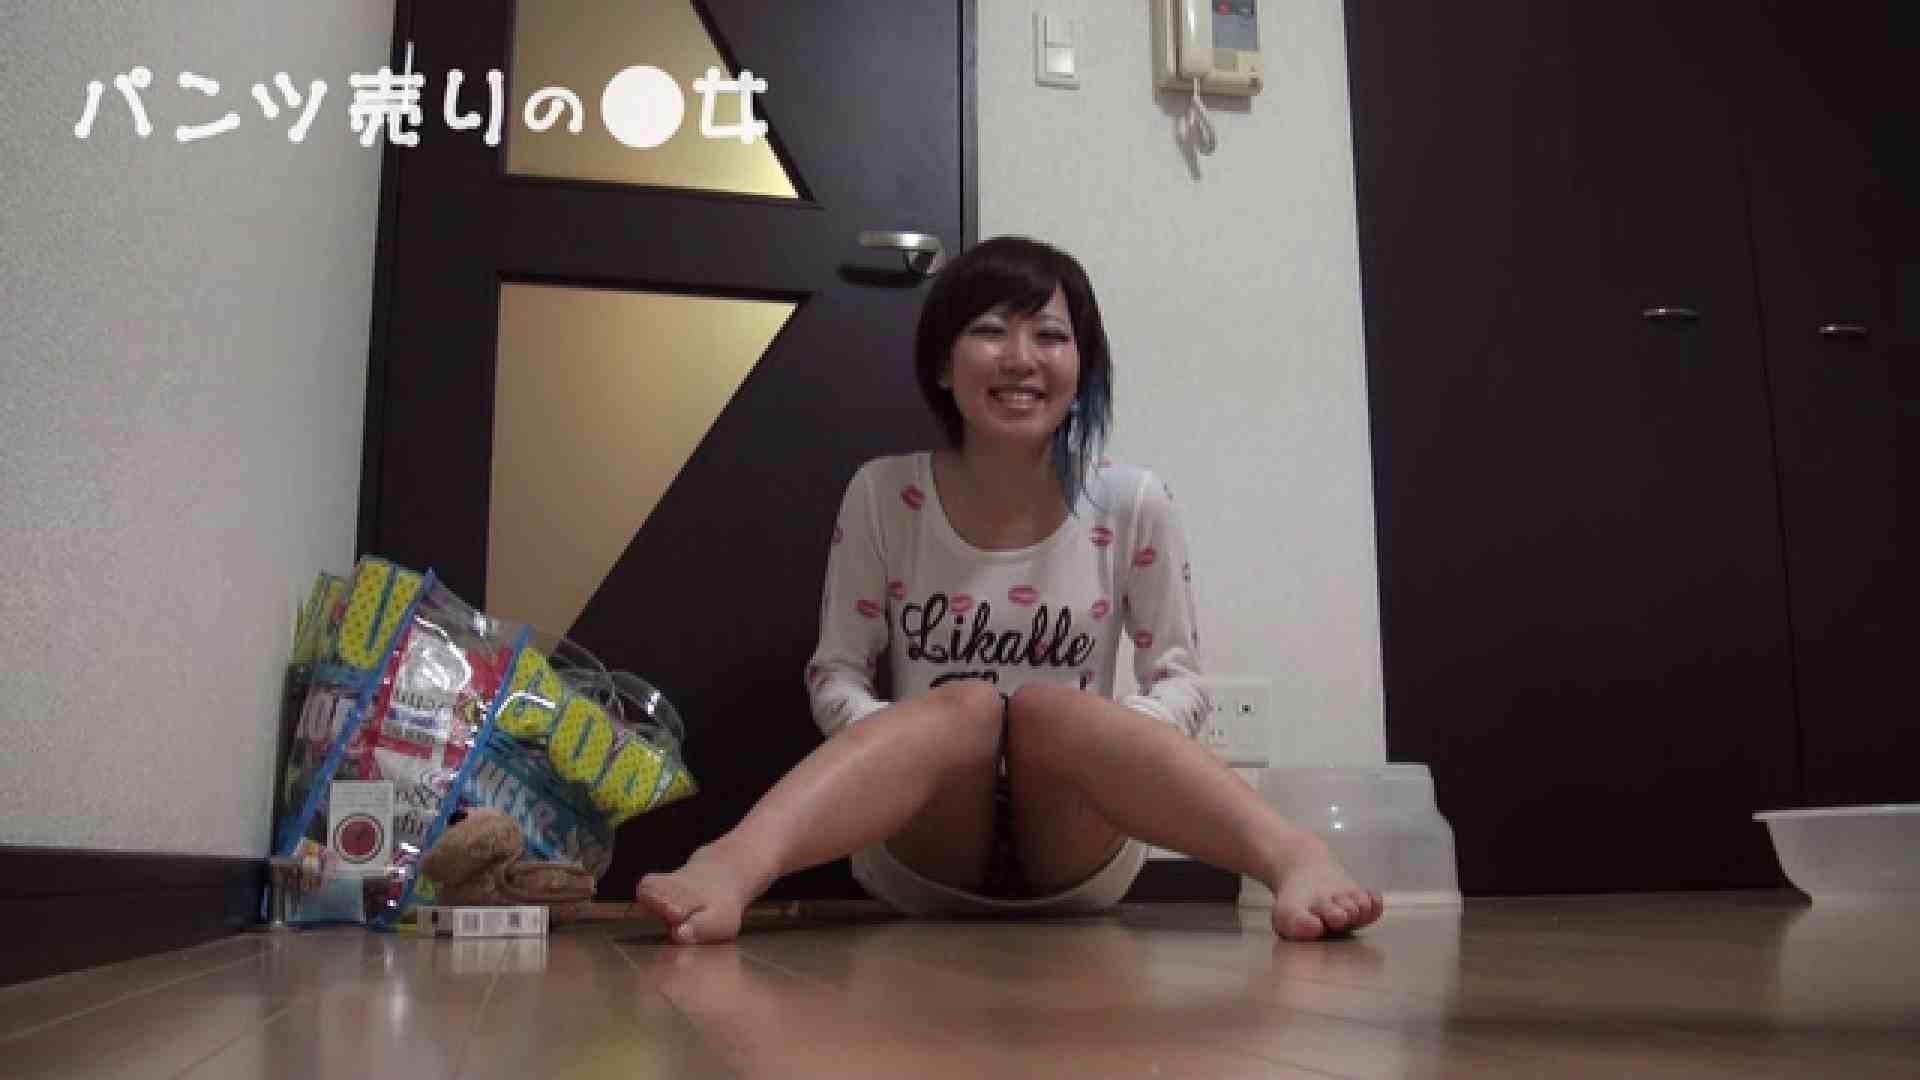 新説 パンツ売りの女の子nana 一般投稿  41連発 15